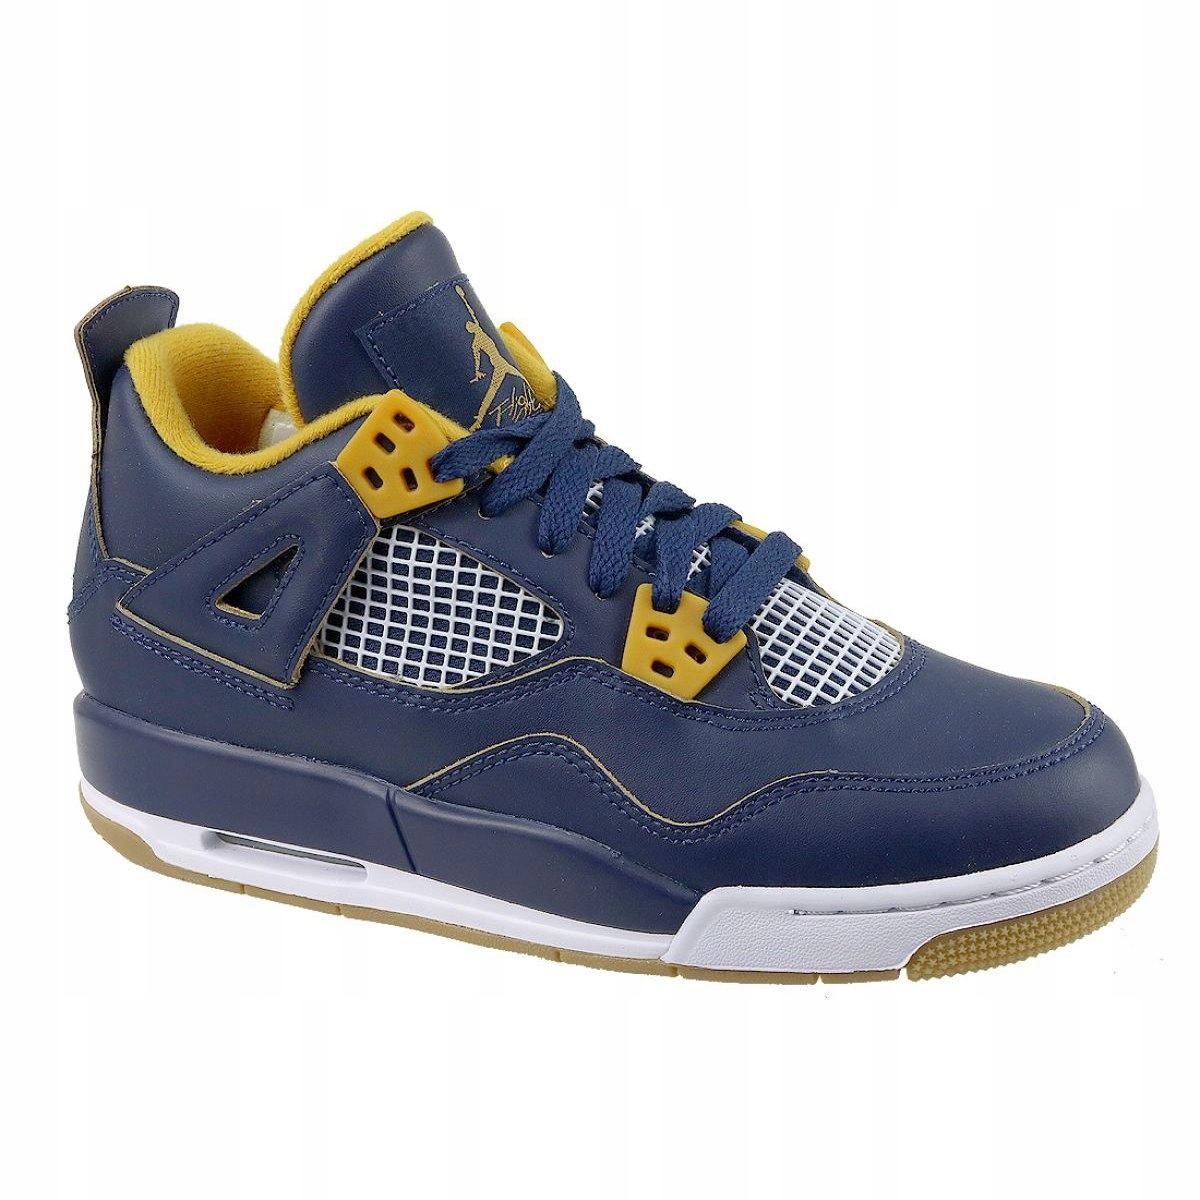 Topánky Jordánsko 4 Retro Bg Junior 408452-425 R. 39